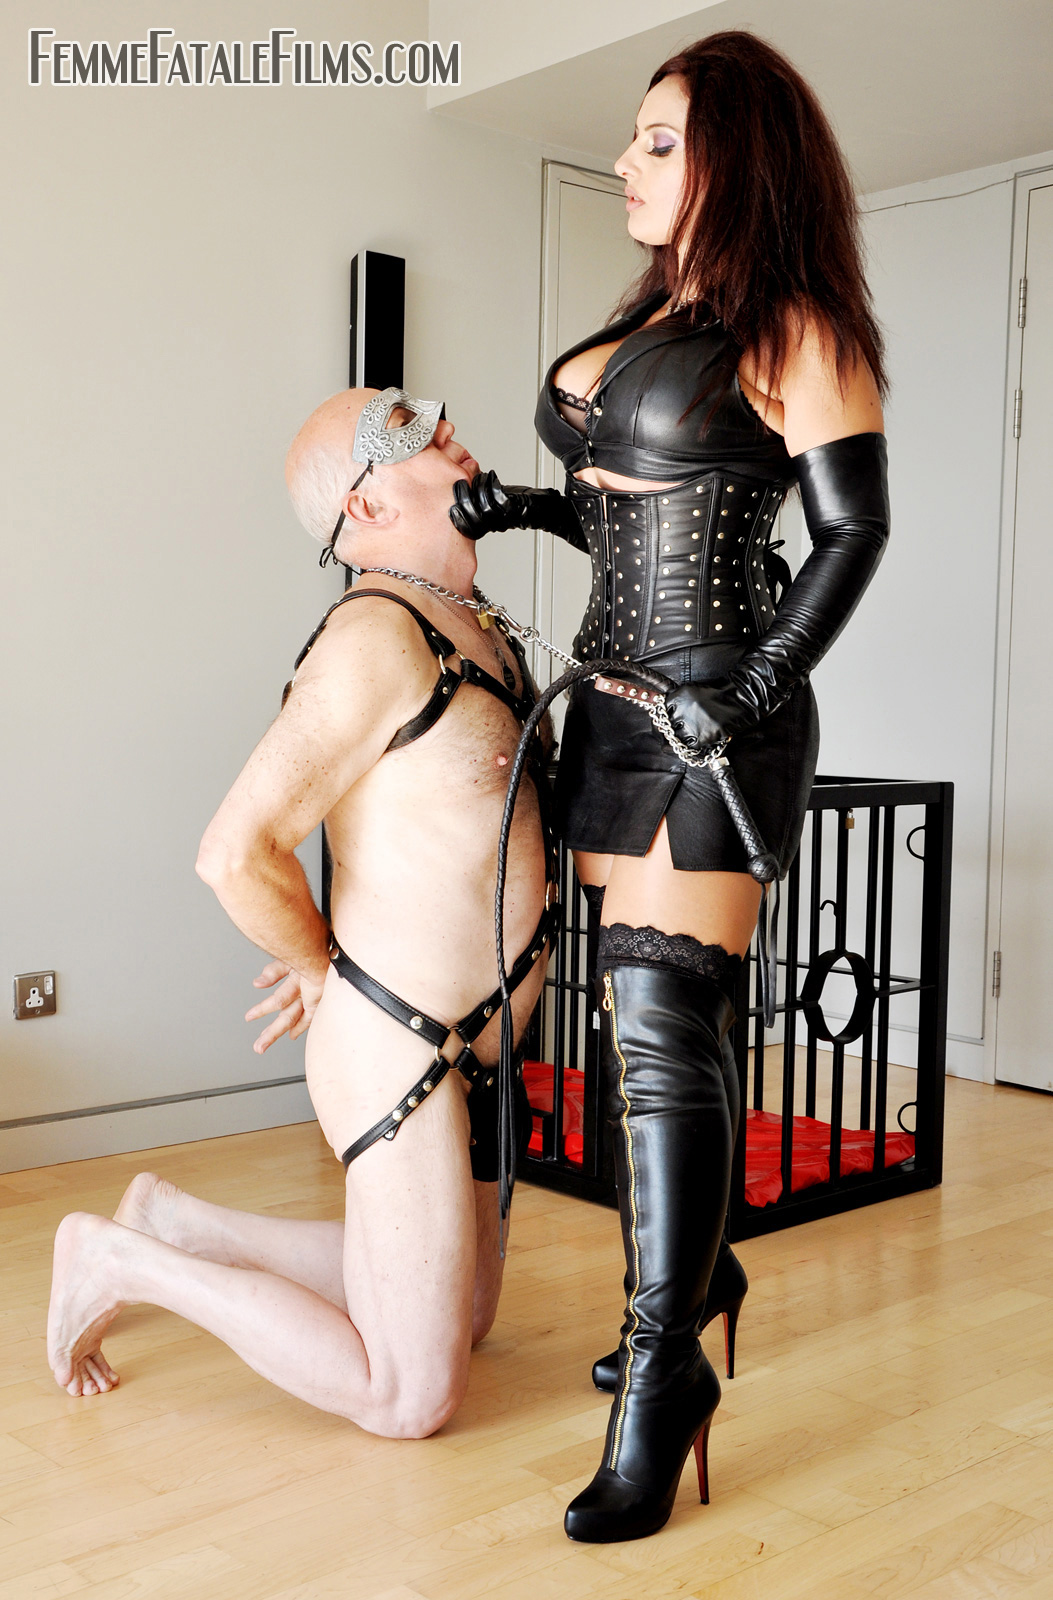 controling boyfriend orgy